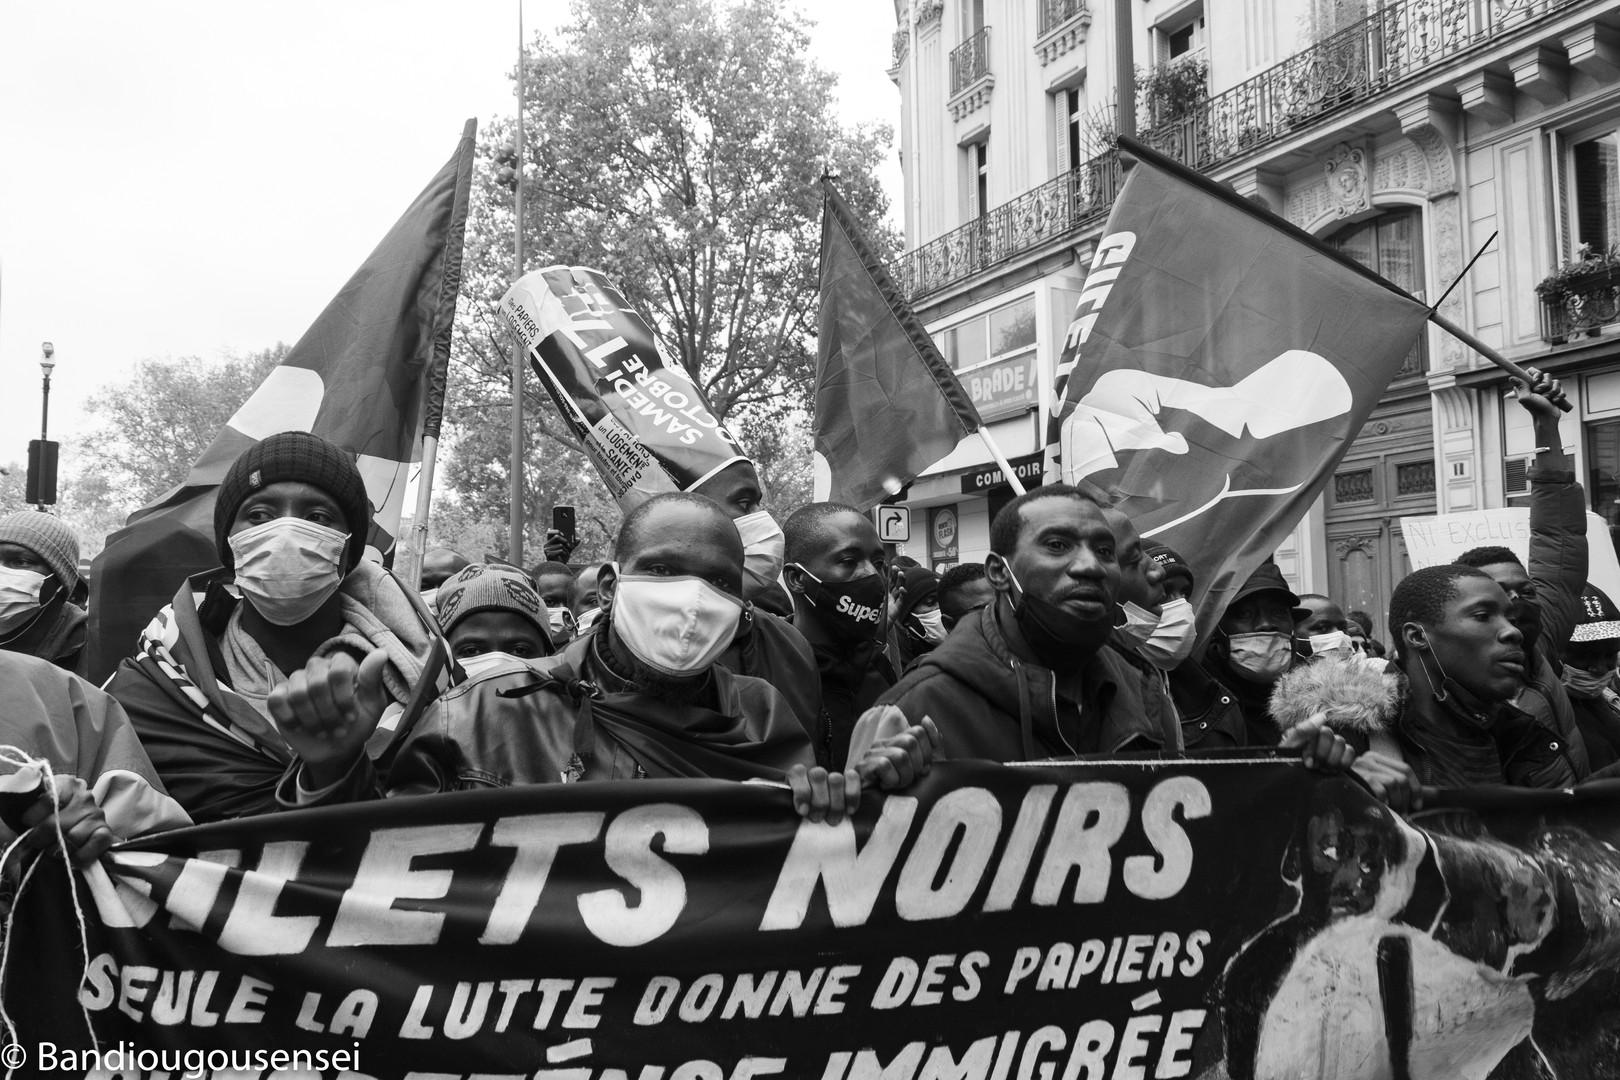 Marche national sans-papier_-29.jpg